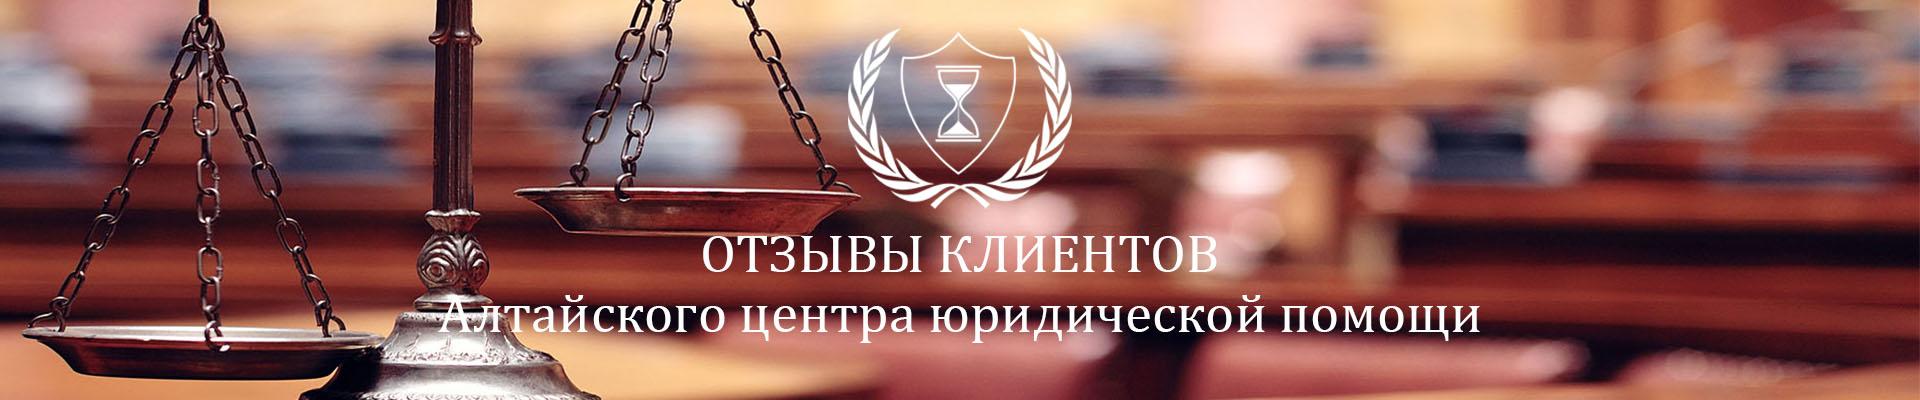 otzyvy_na_yuristov_v_barnaule